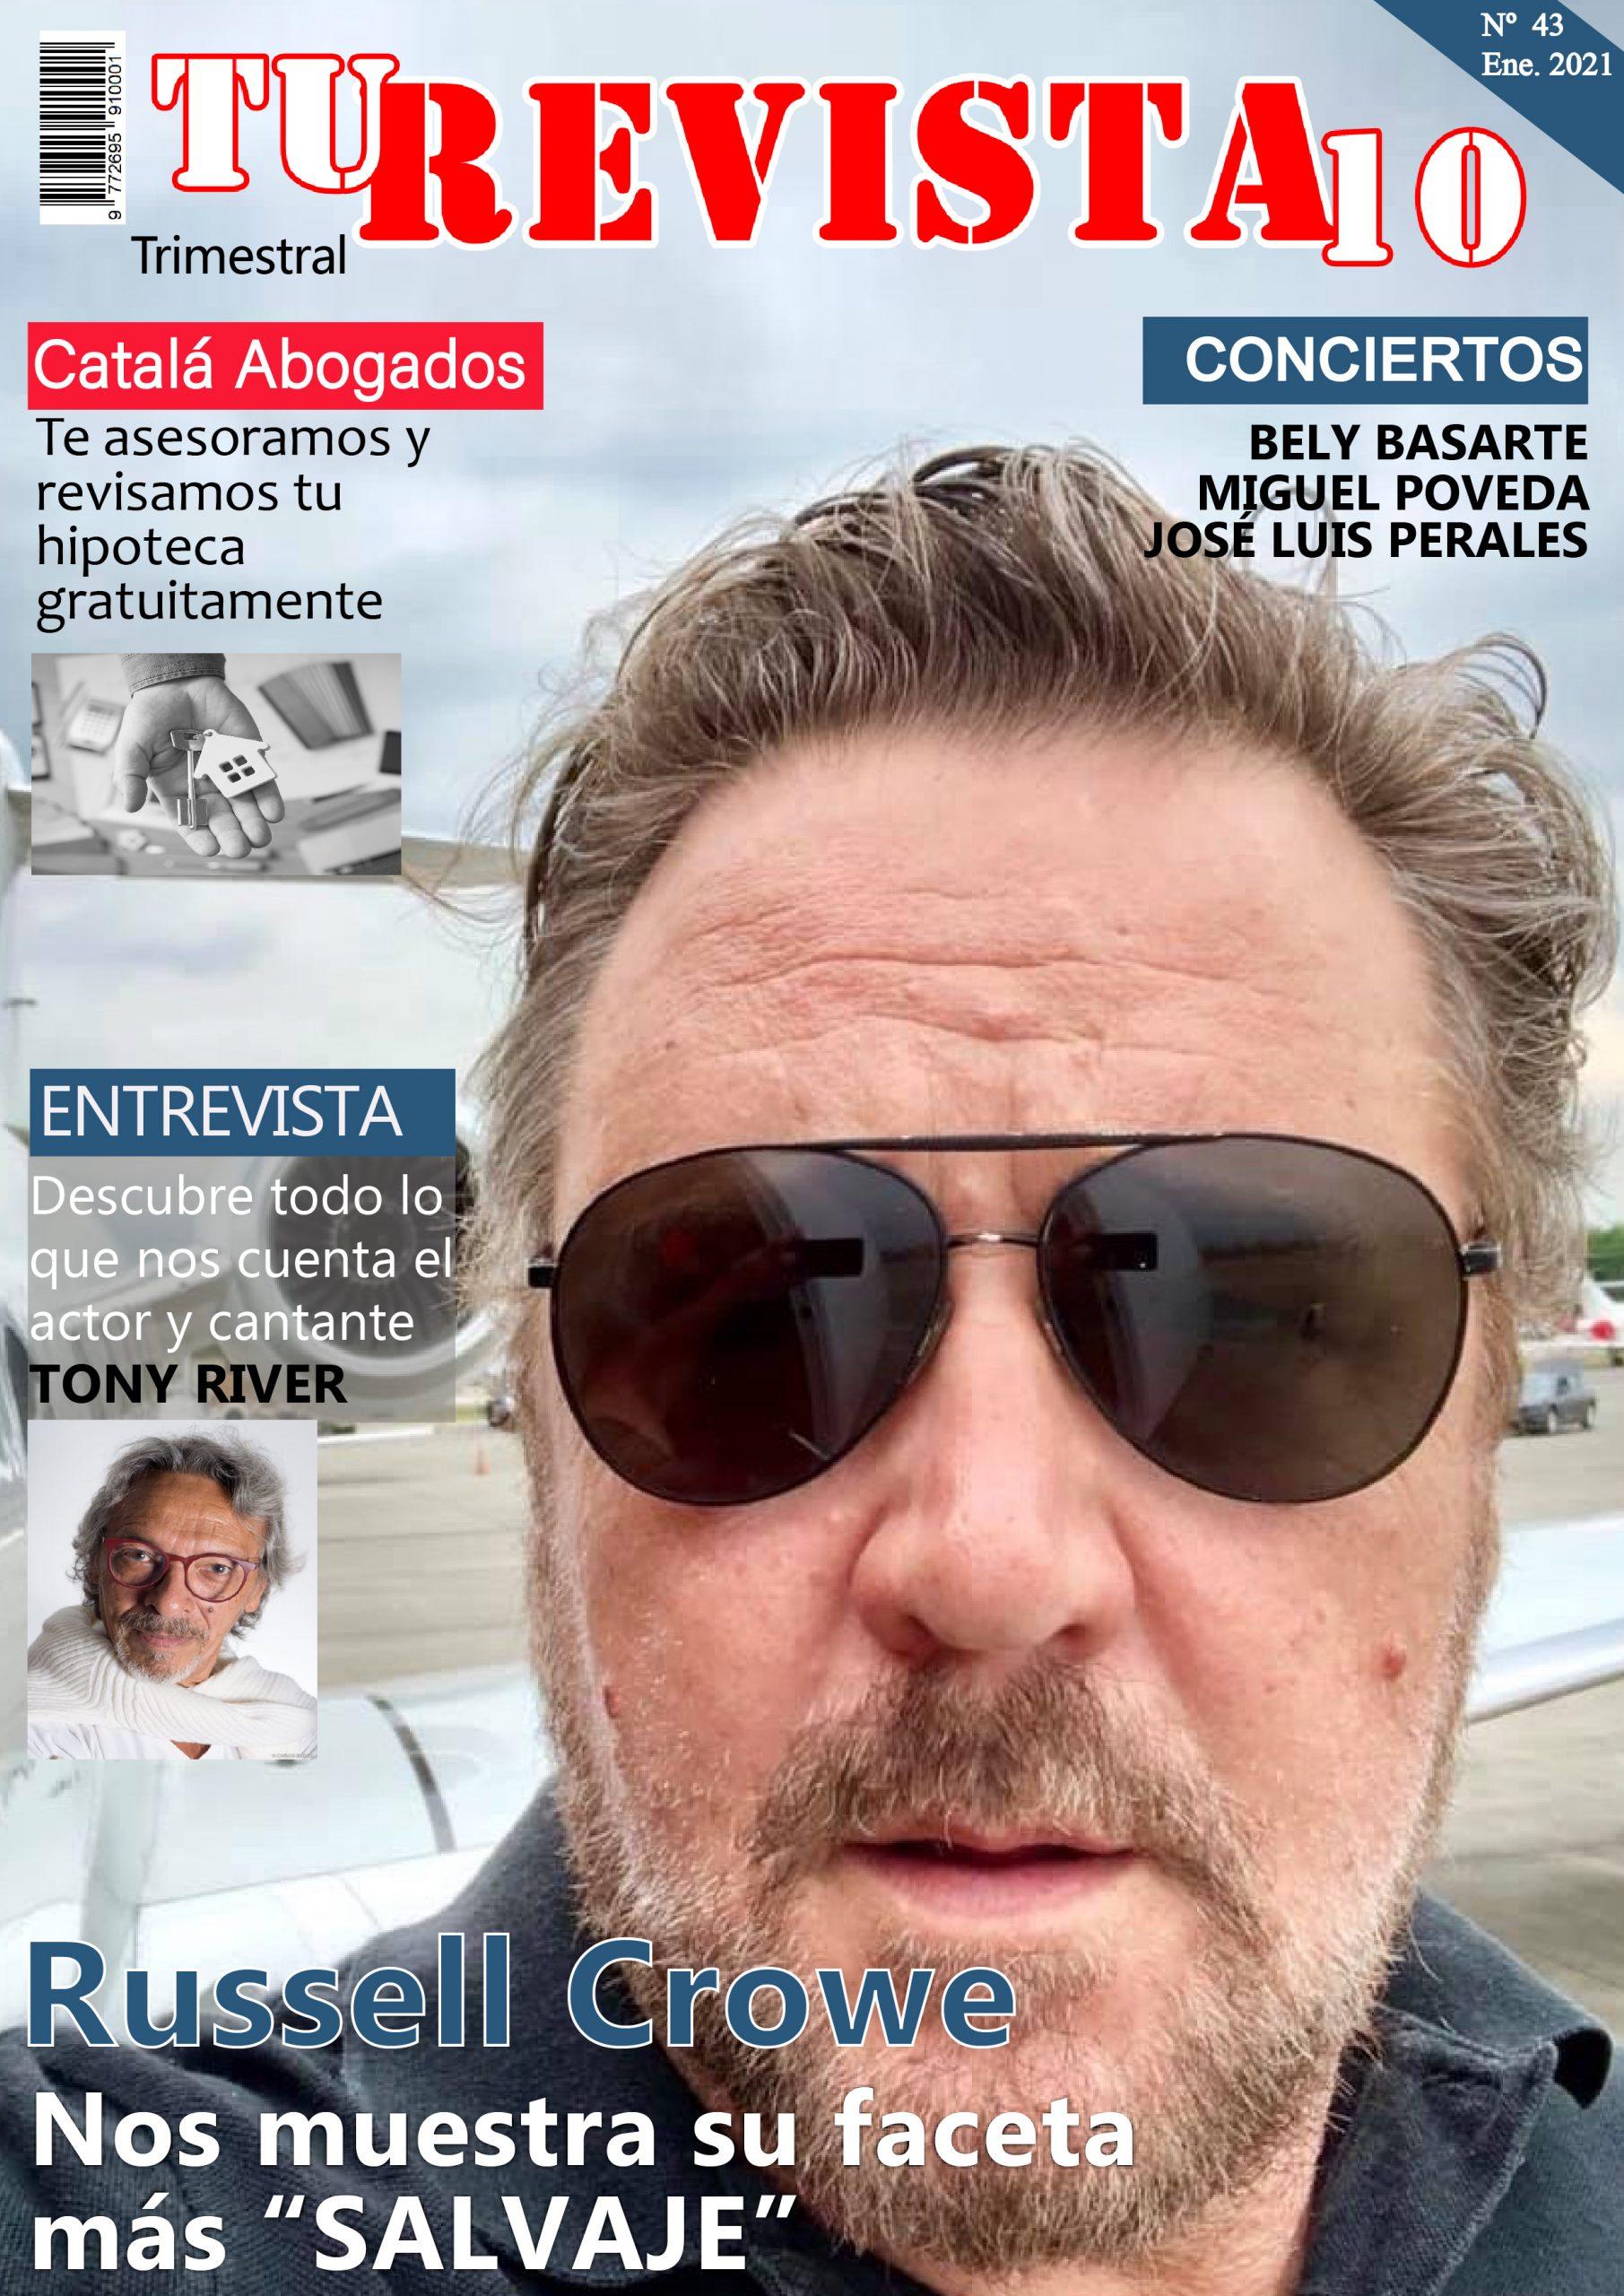 Tu Revista10 ENERO 2021